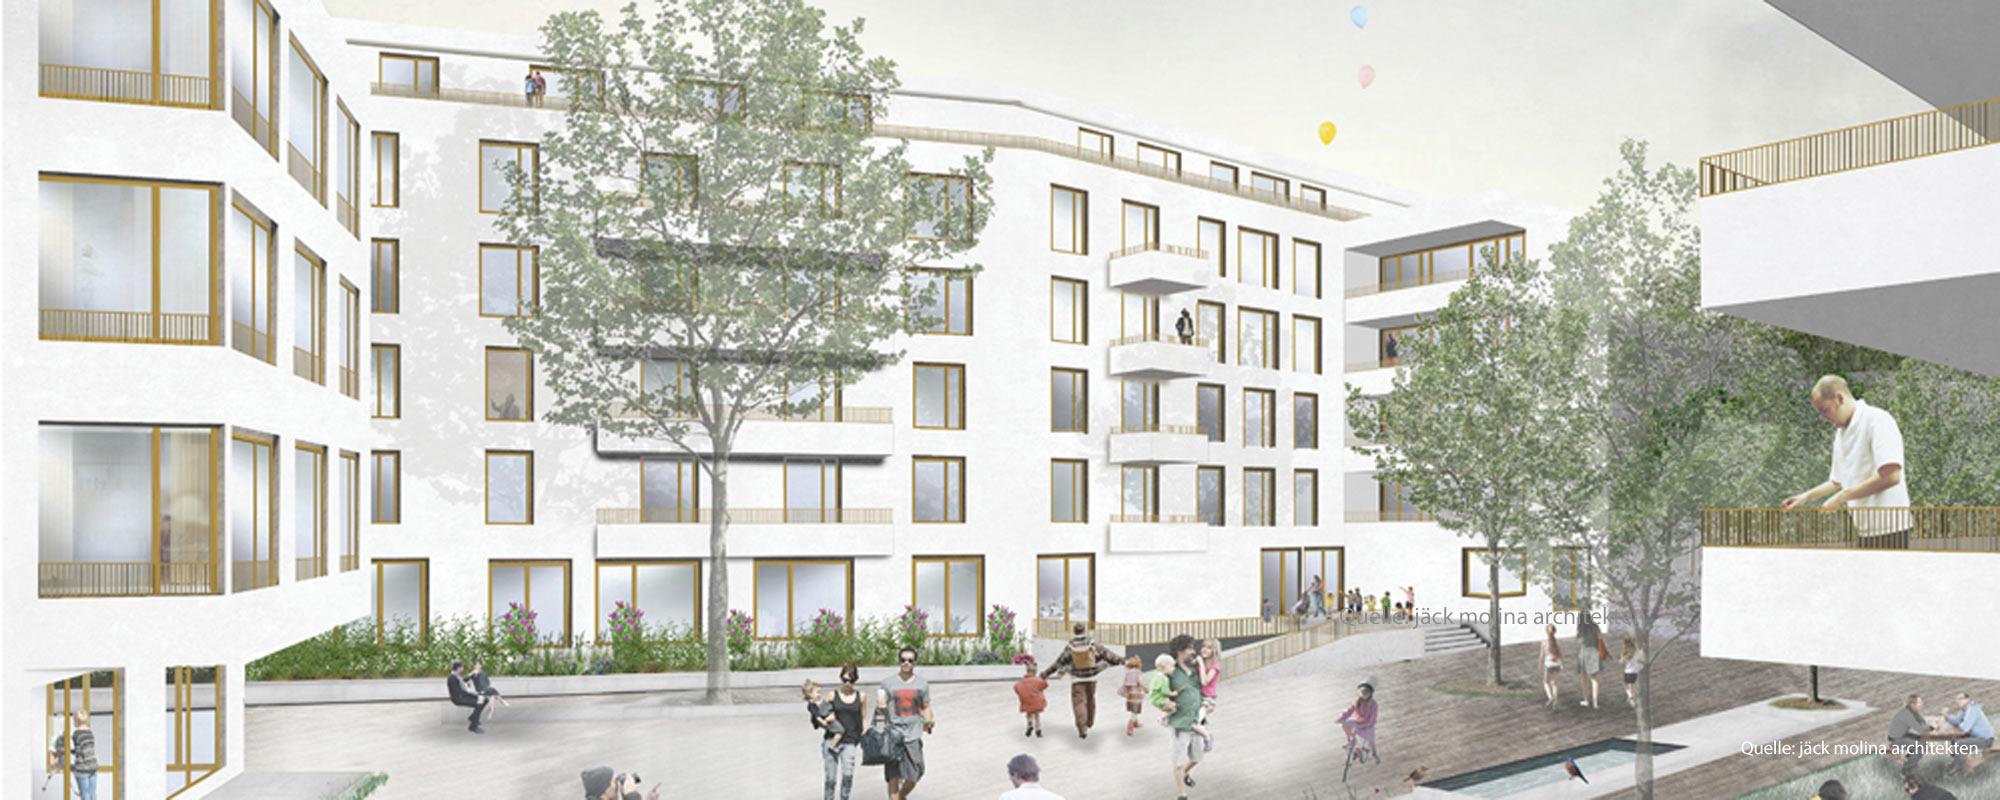 Erschließungsplanung_Kalker_Hauptstraße_2